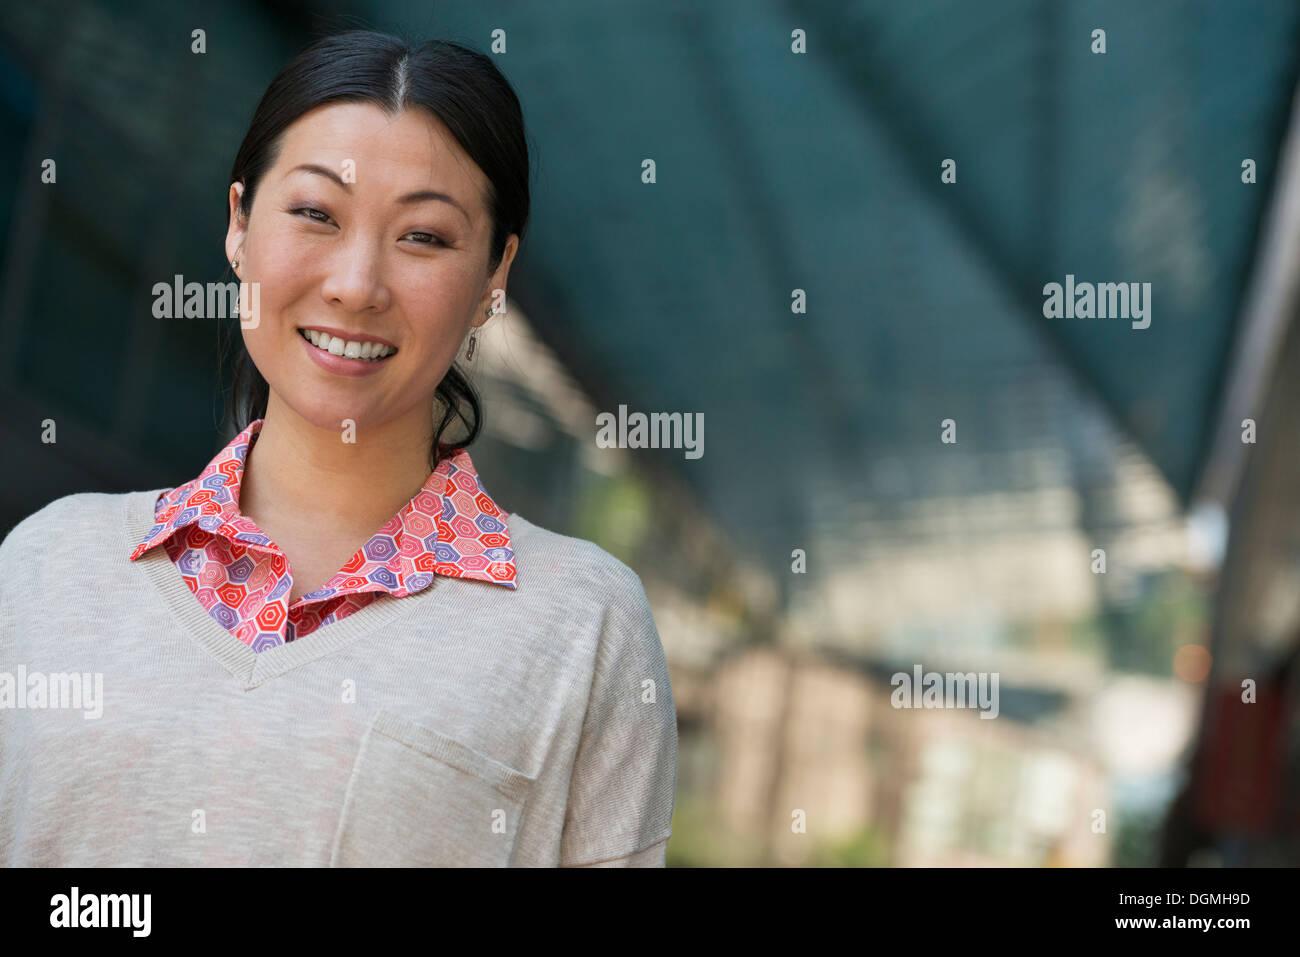 La gente di affari in movimento. Una donna in maglia rosa e maglione beige. Immagini Stock